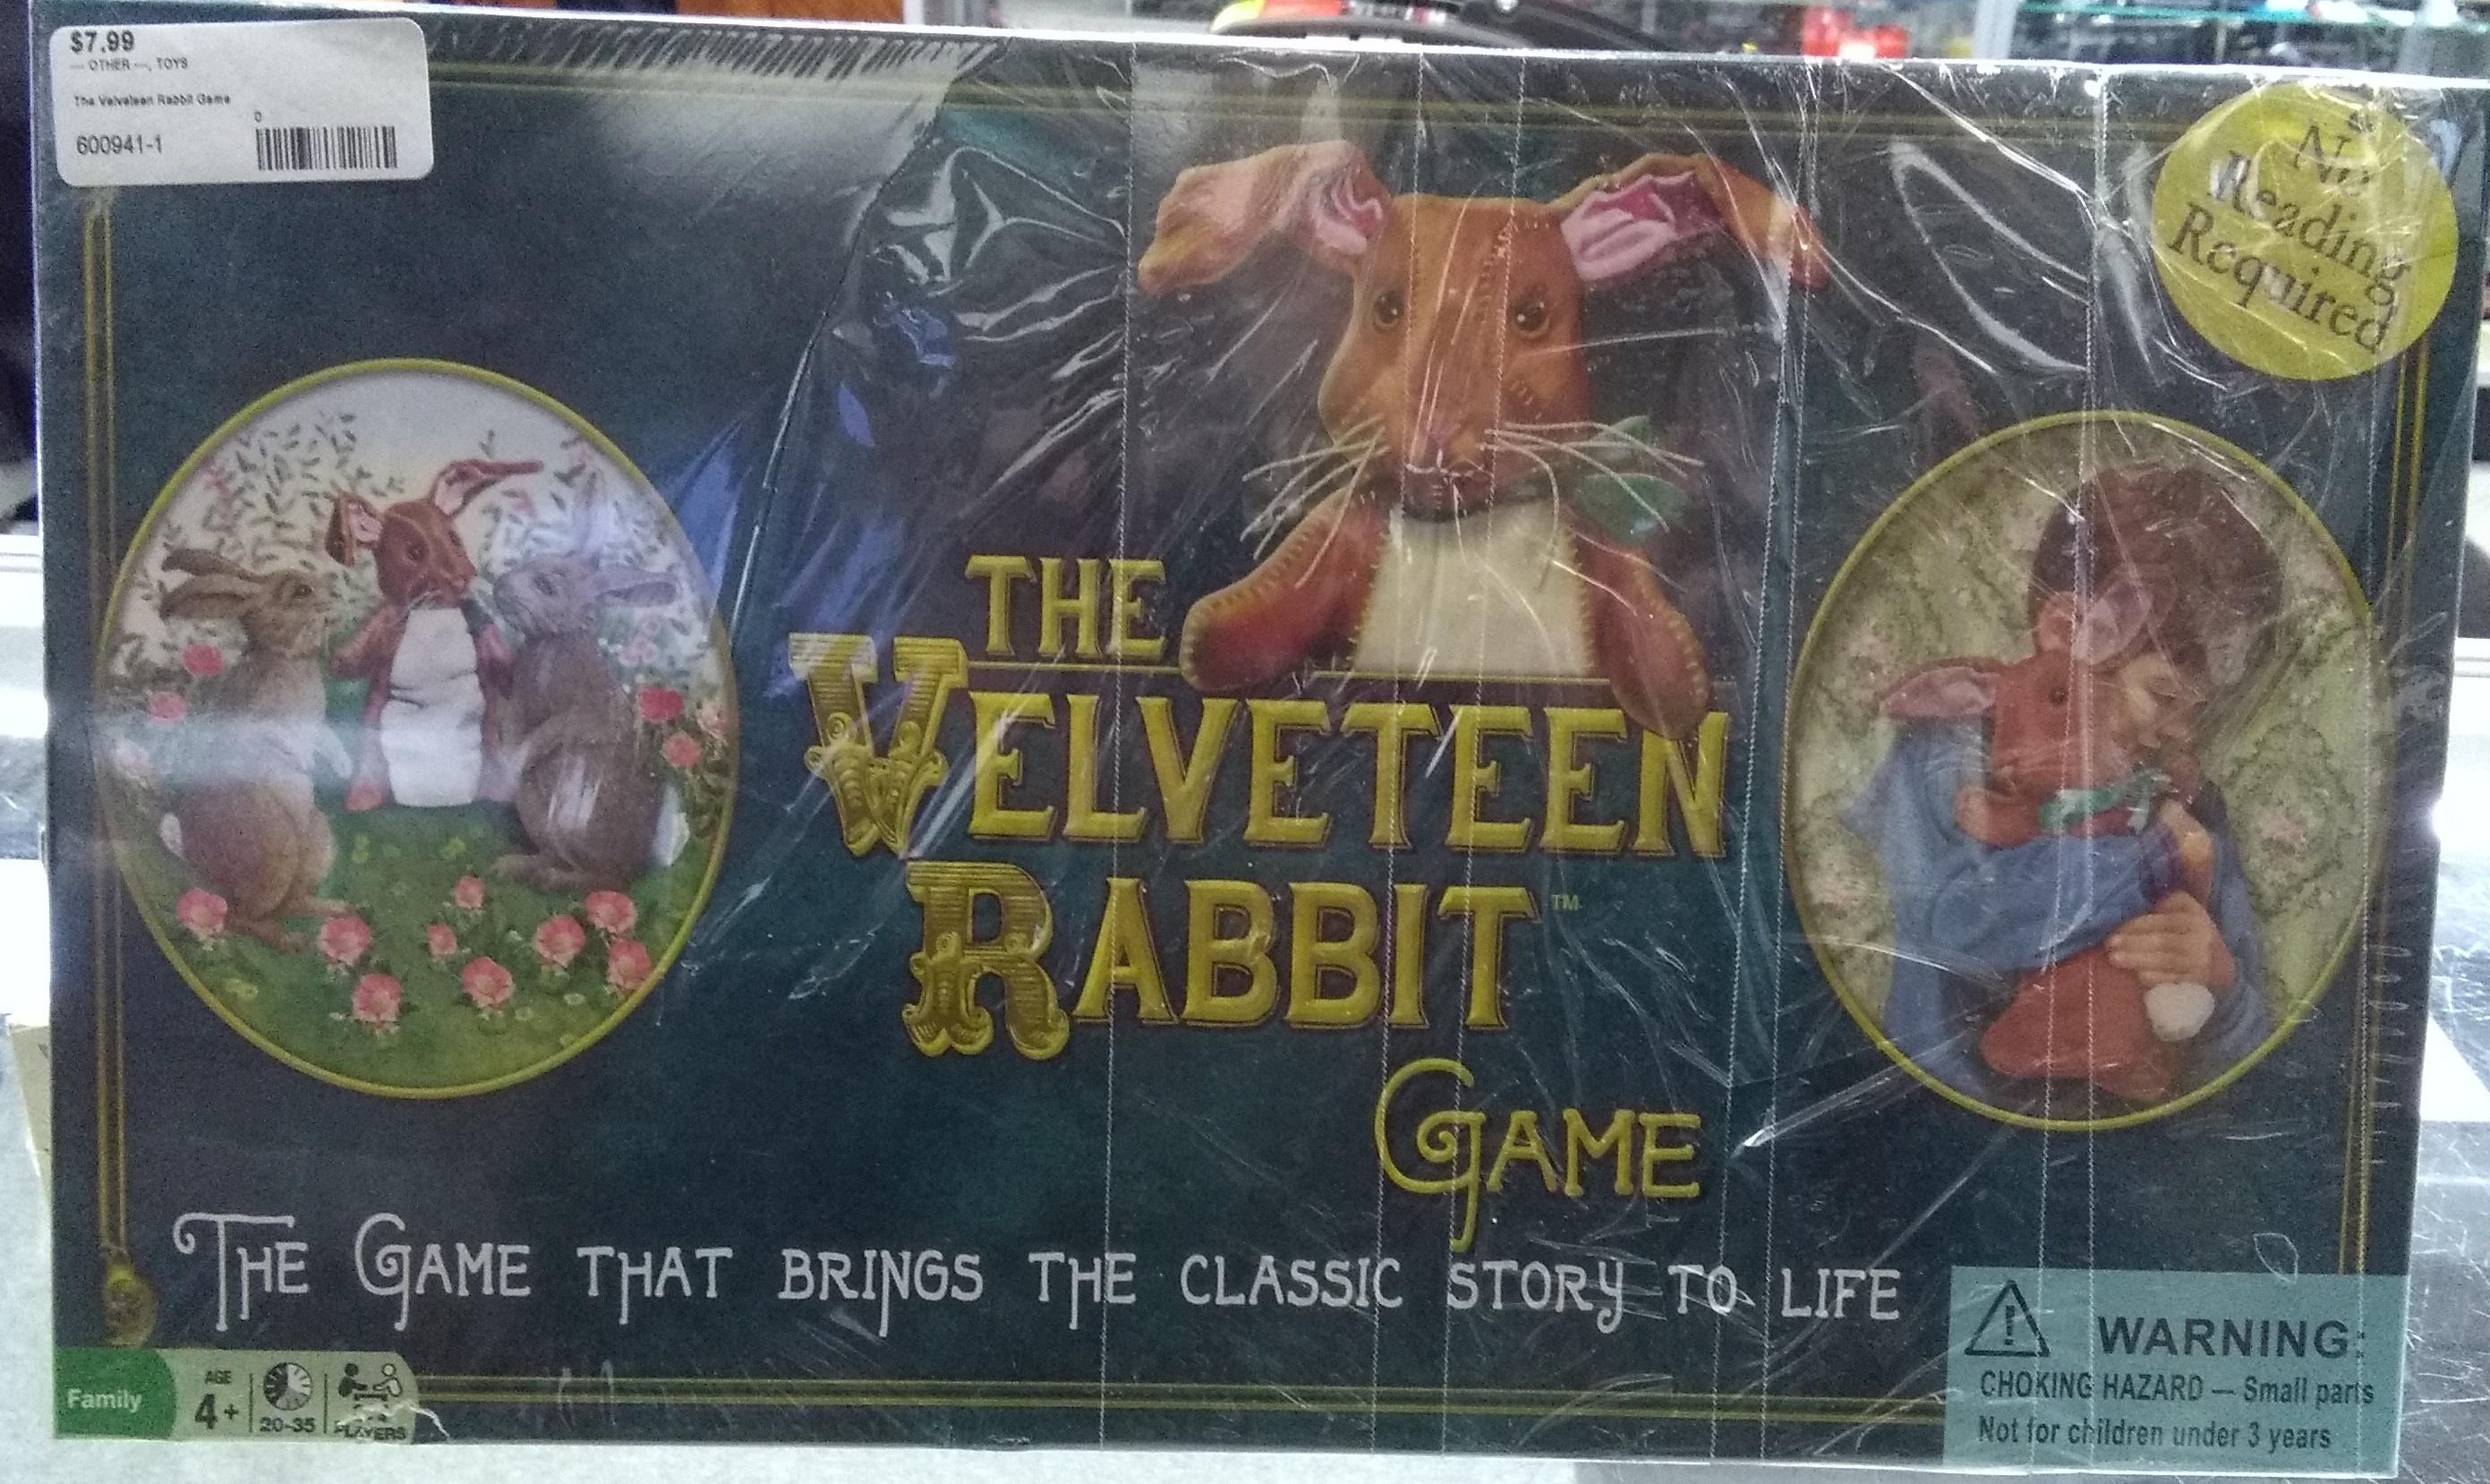 The Velveteen Rabbit Game Boardgame